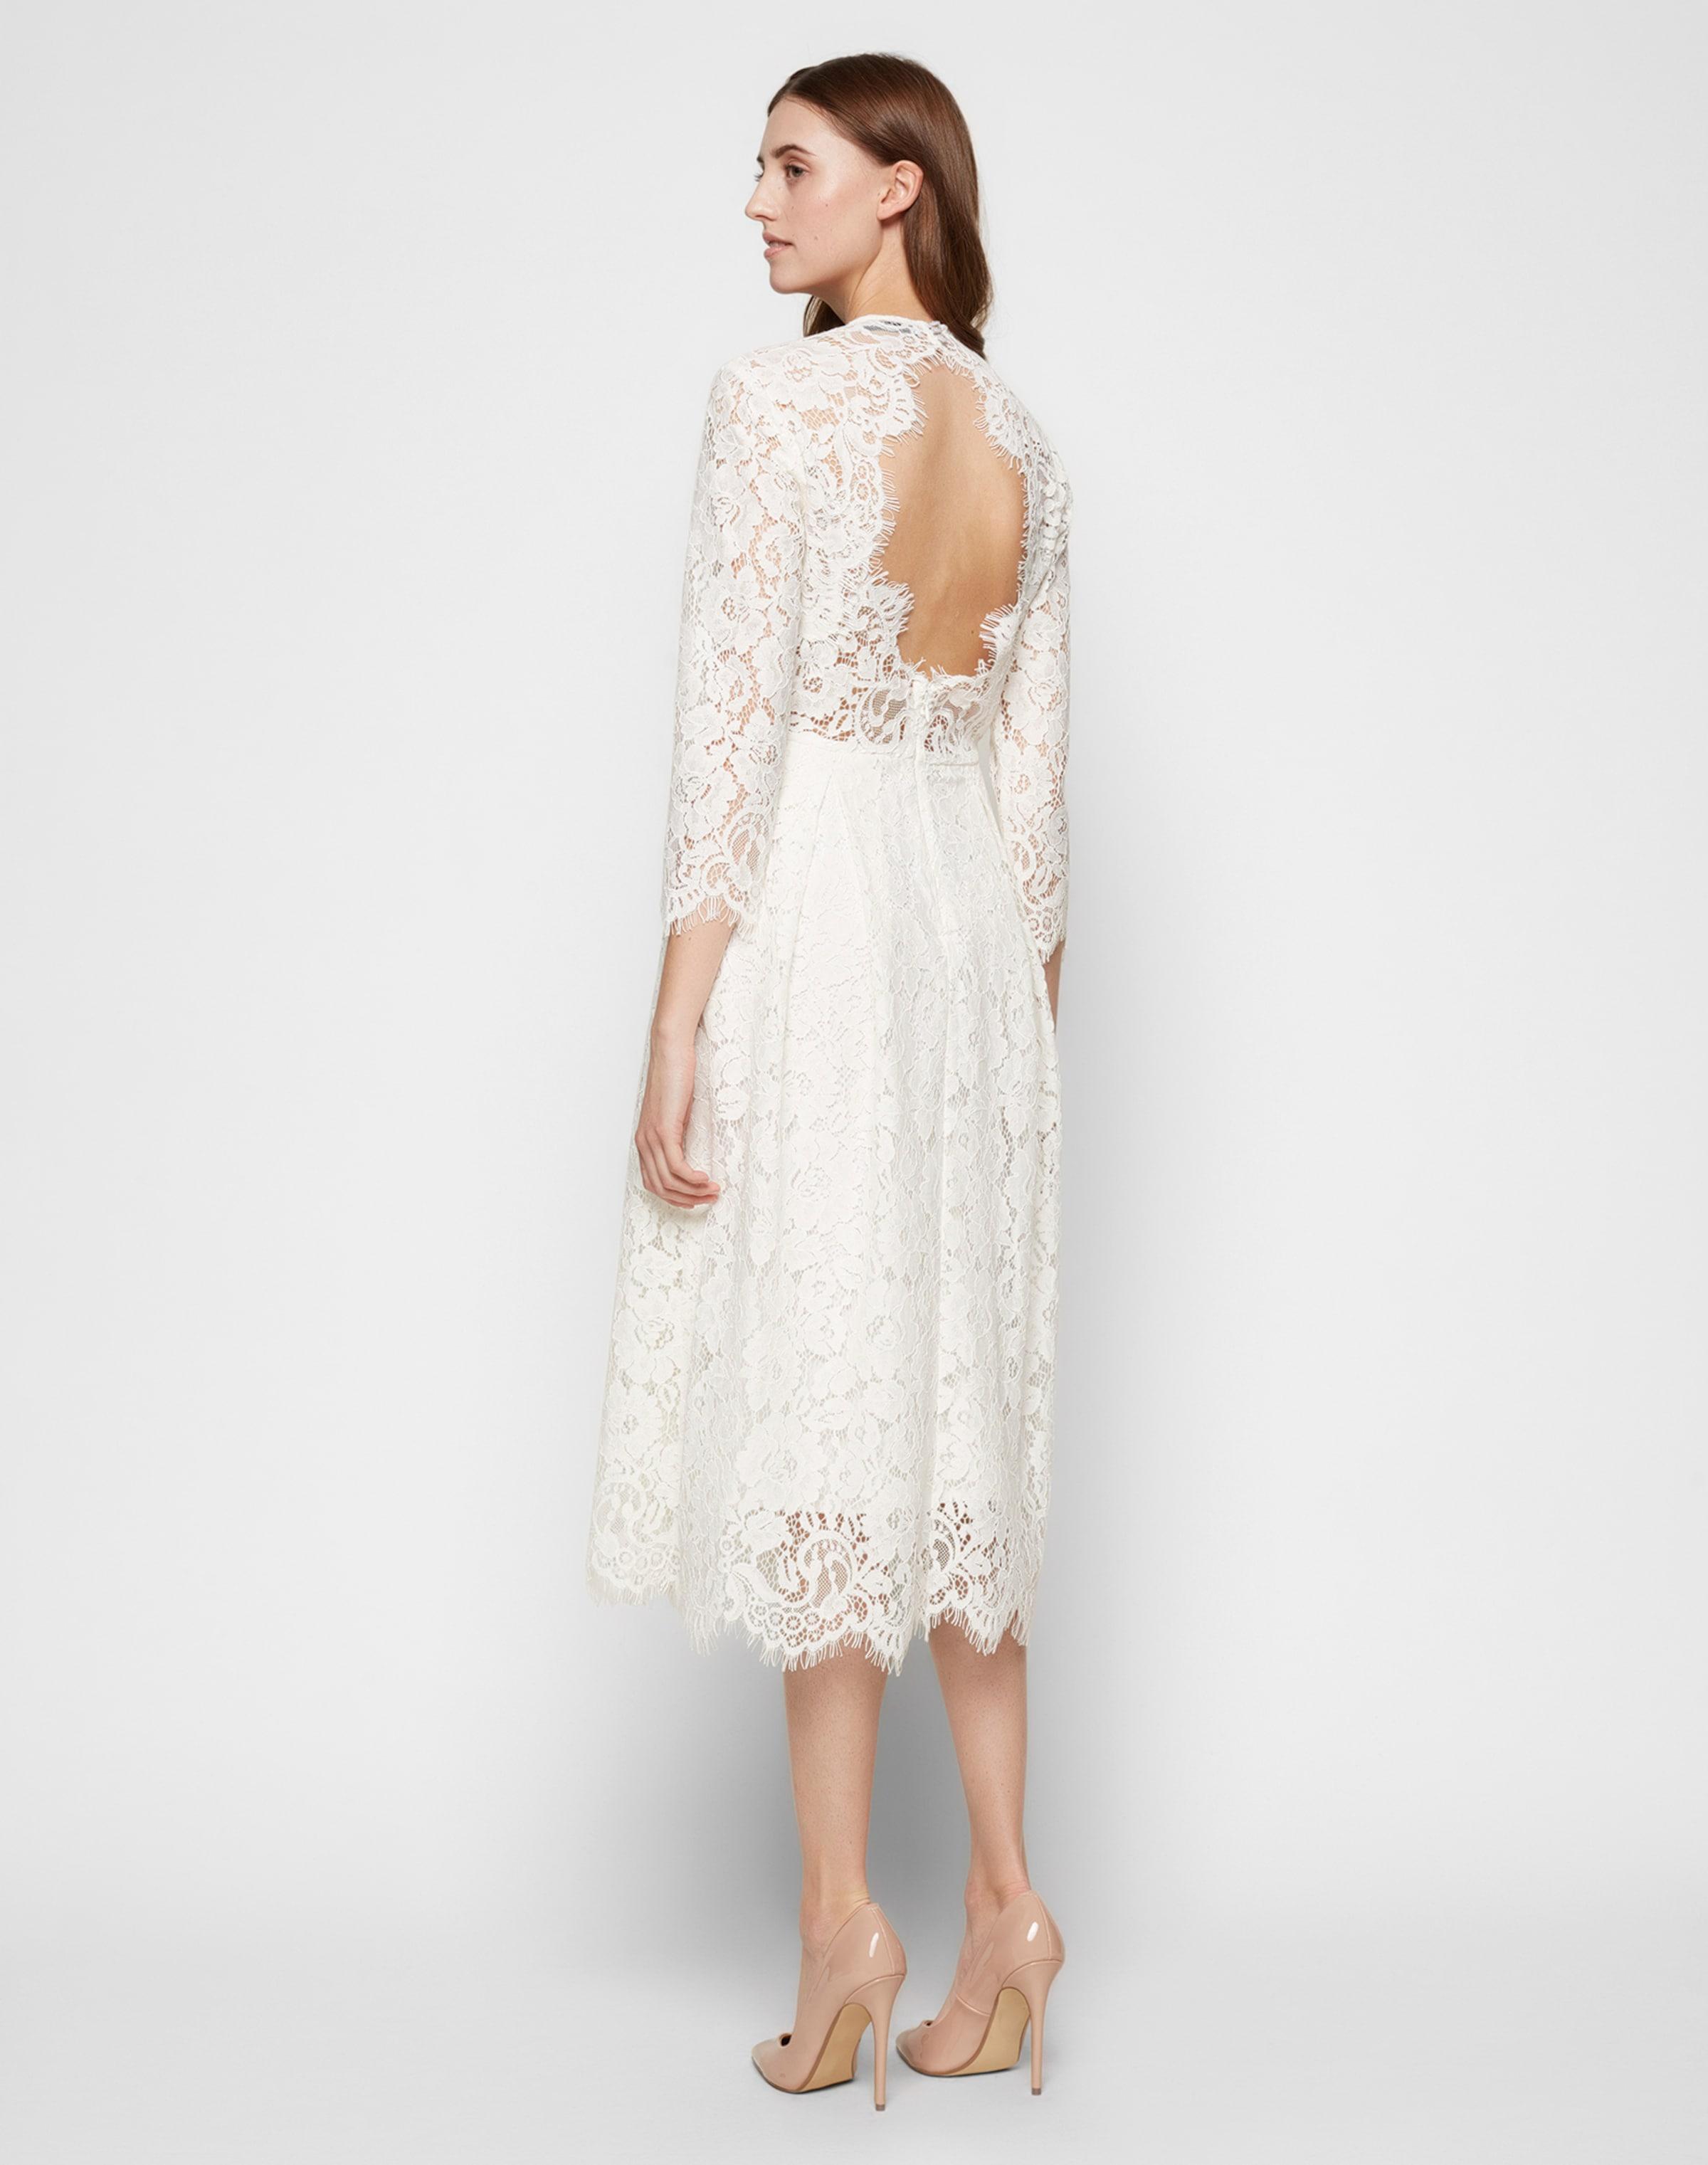 Fit Flair' En 'lace And Ivyamp; Blanc Dress Oak Robe xrhQCtsd